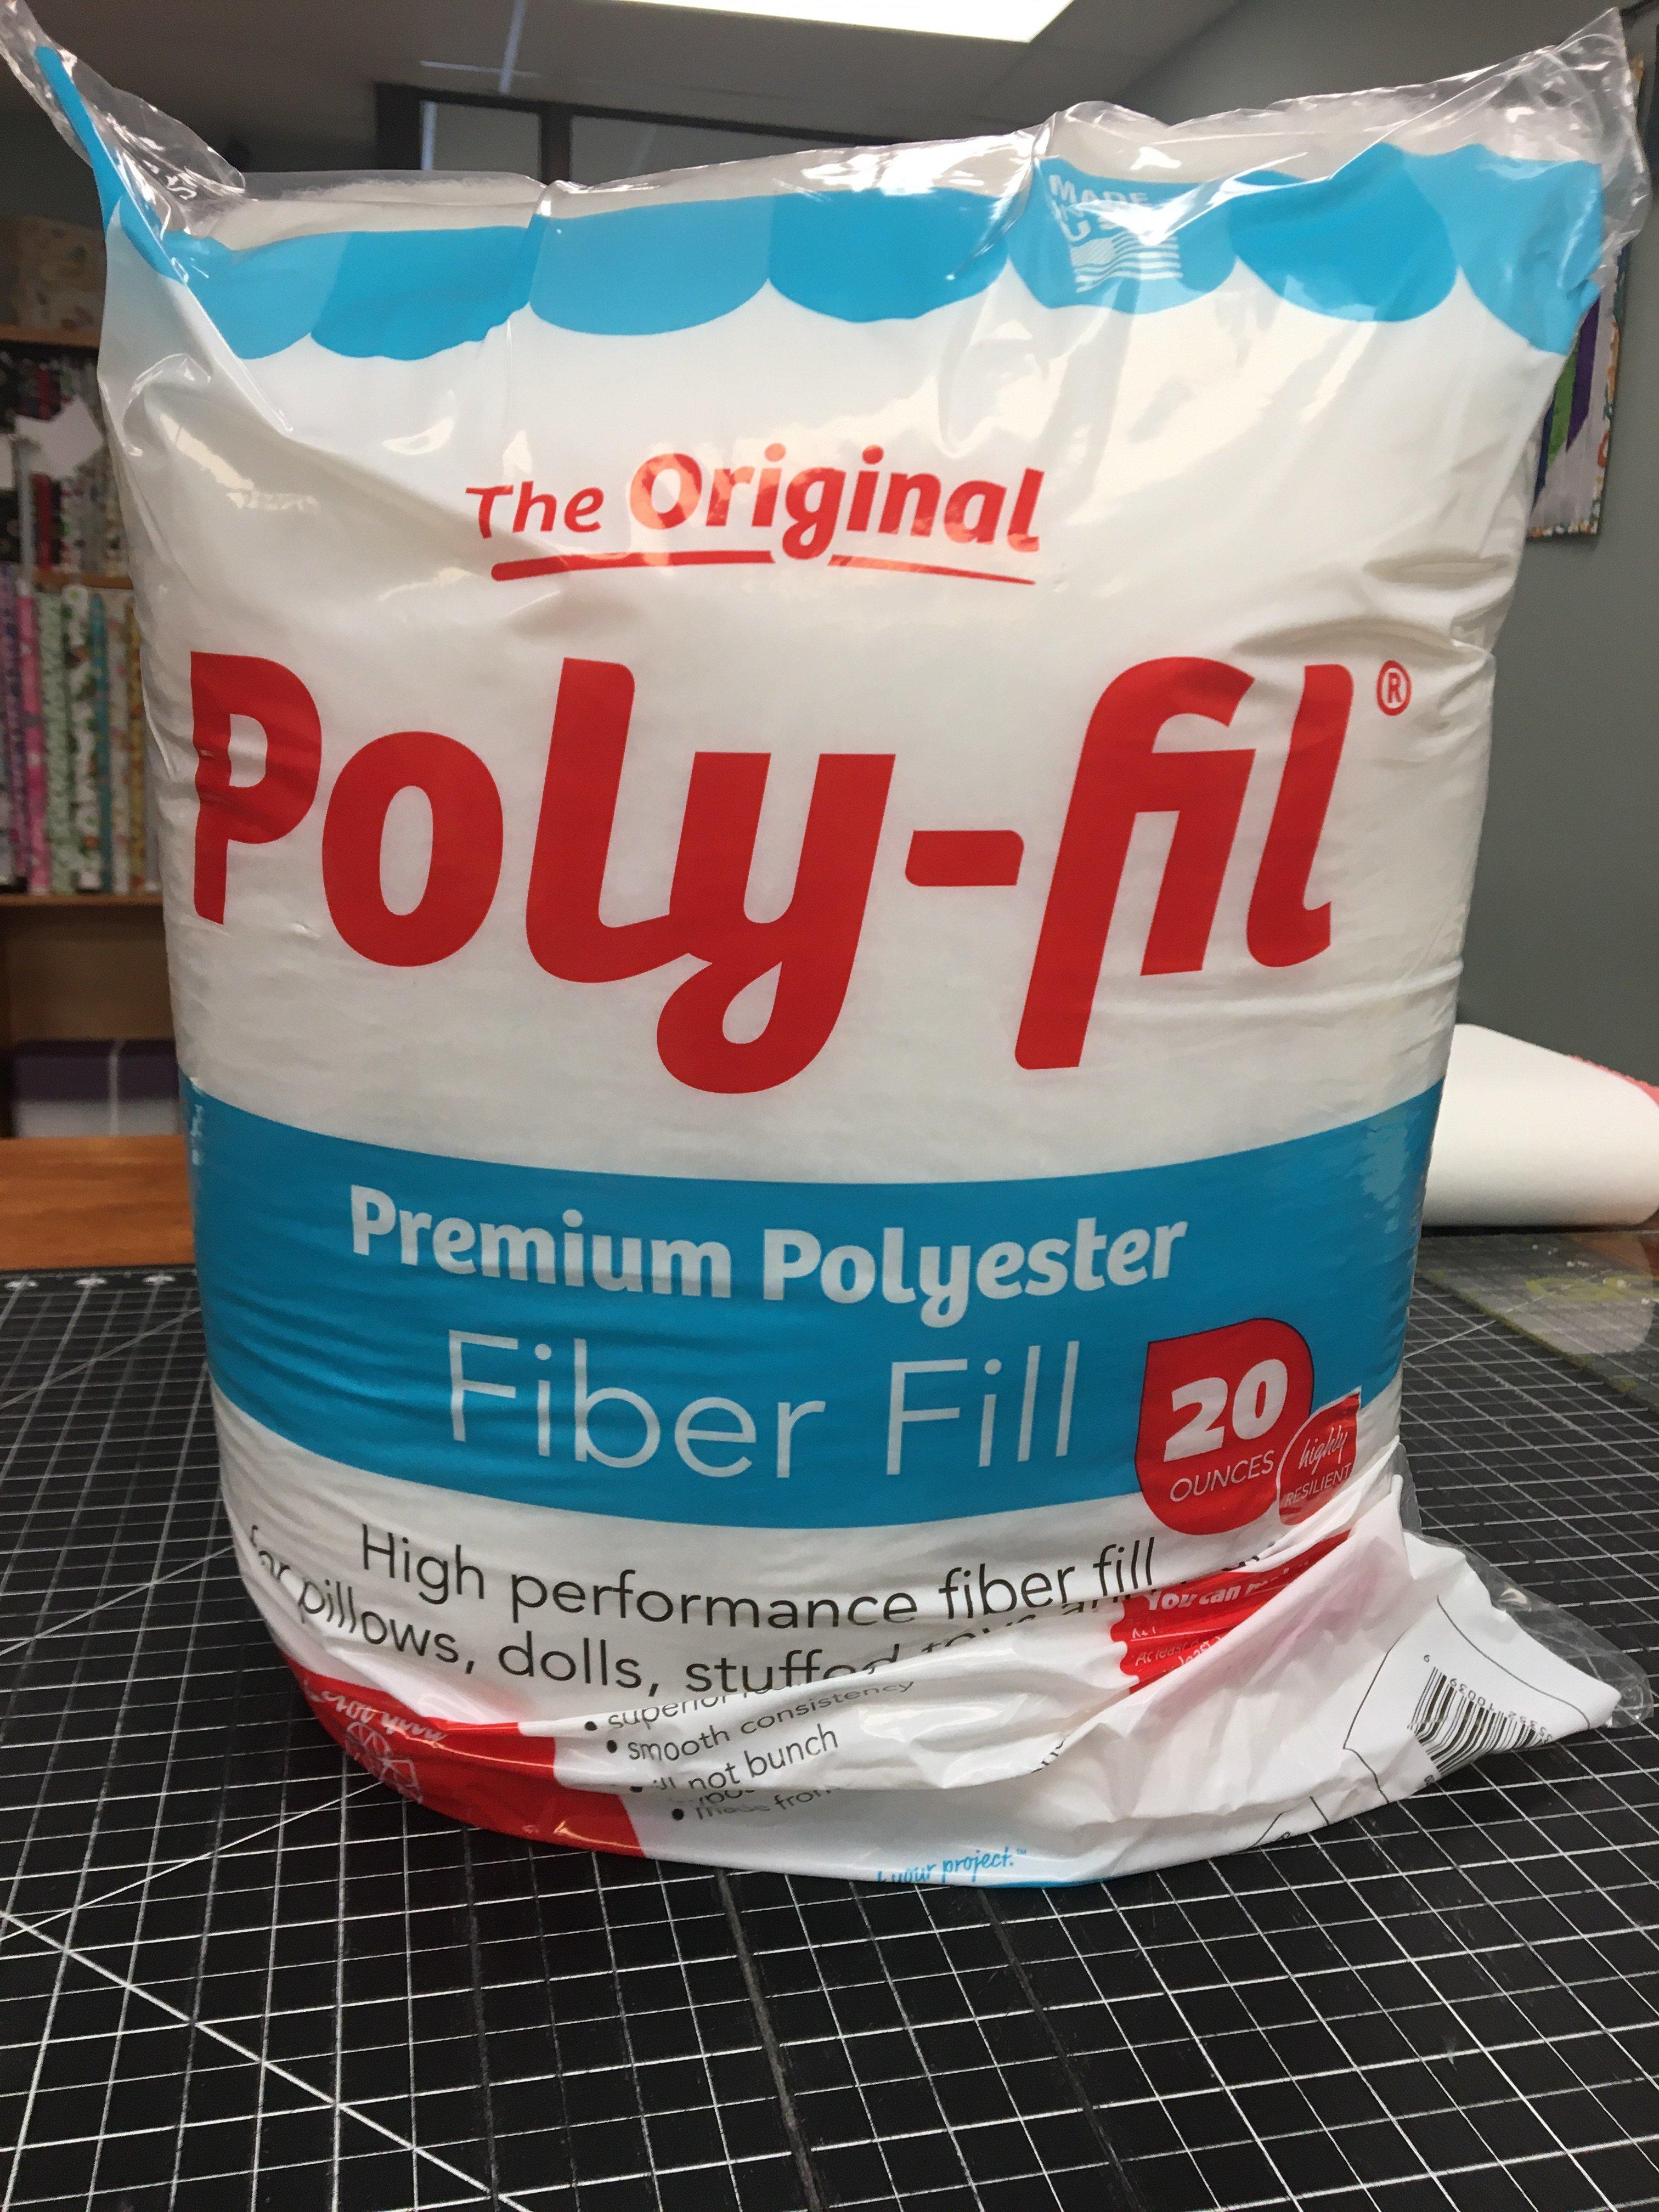 Poly-fil 20 ounces